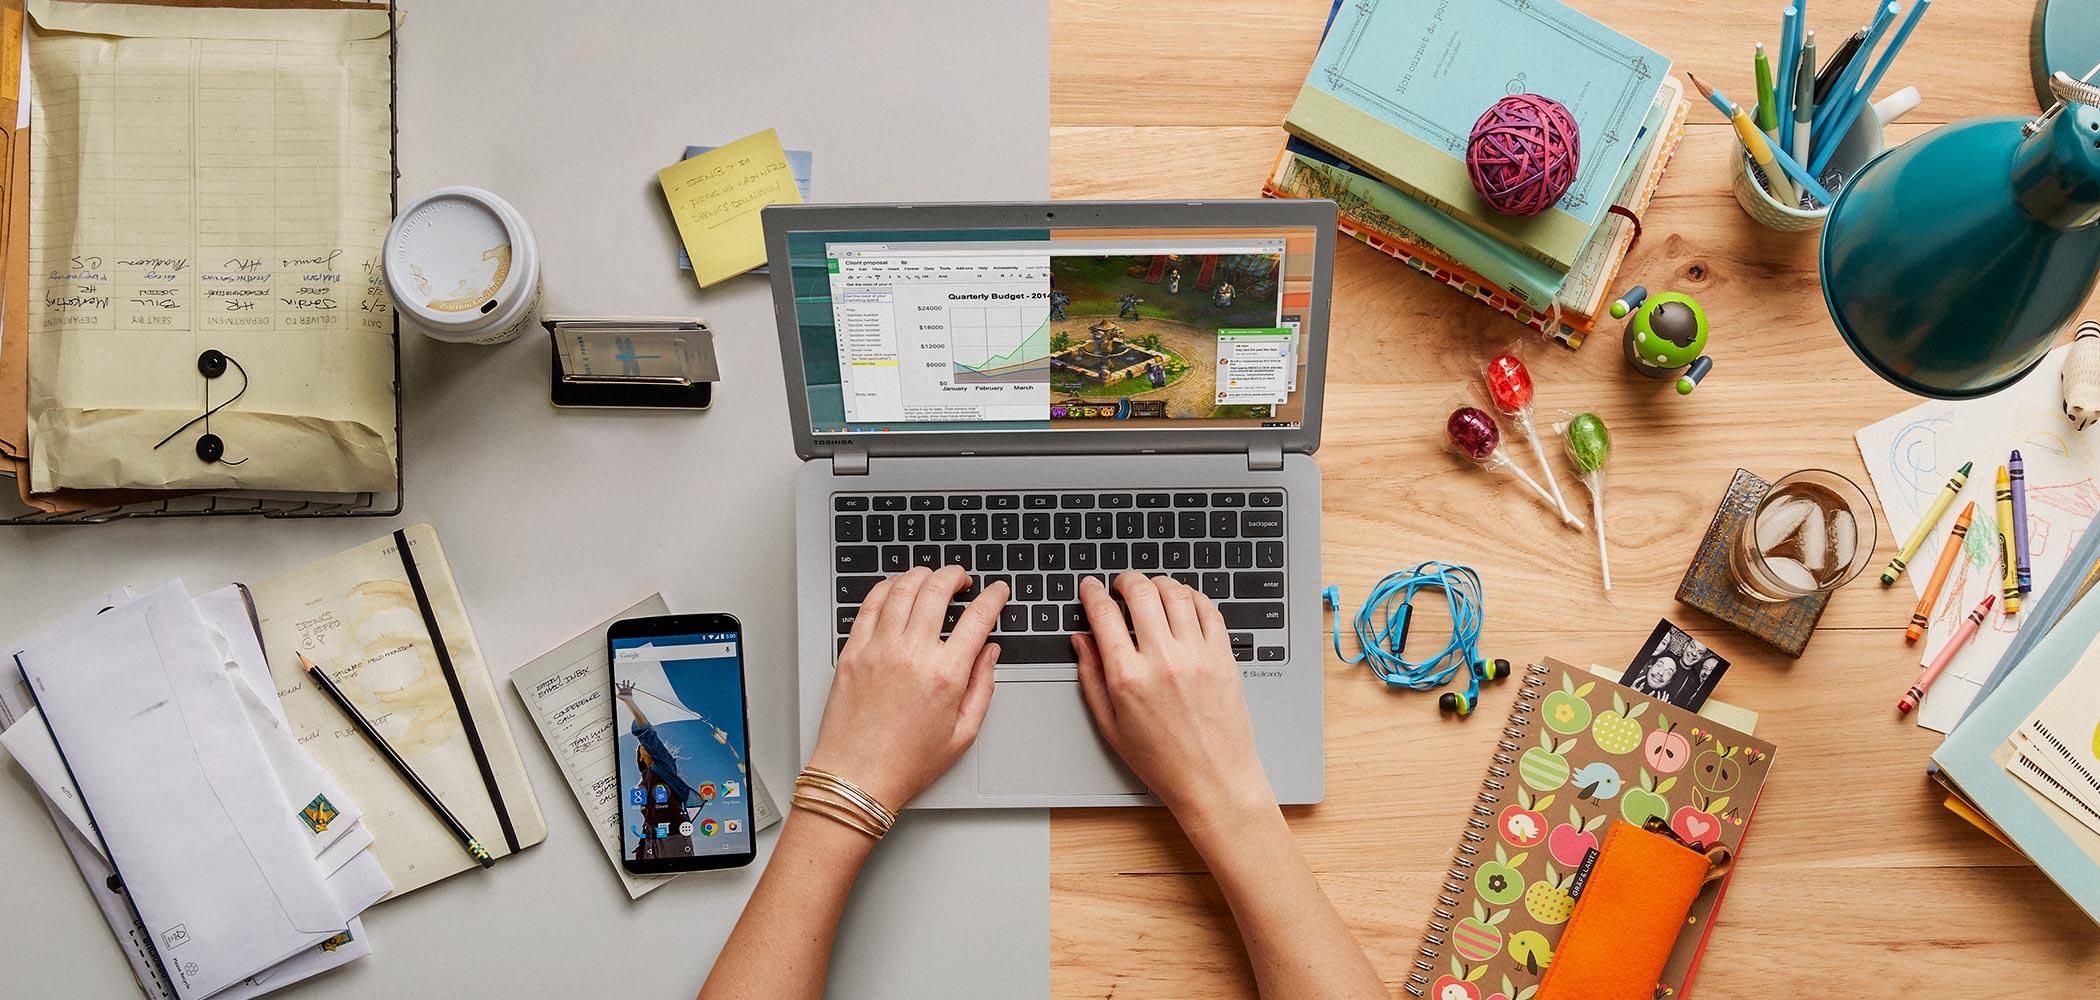 Nowy powód, żeby kupić Chromebooka. Chrome OS obsłuży miliony aplikacji… z Androida